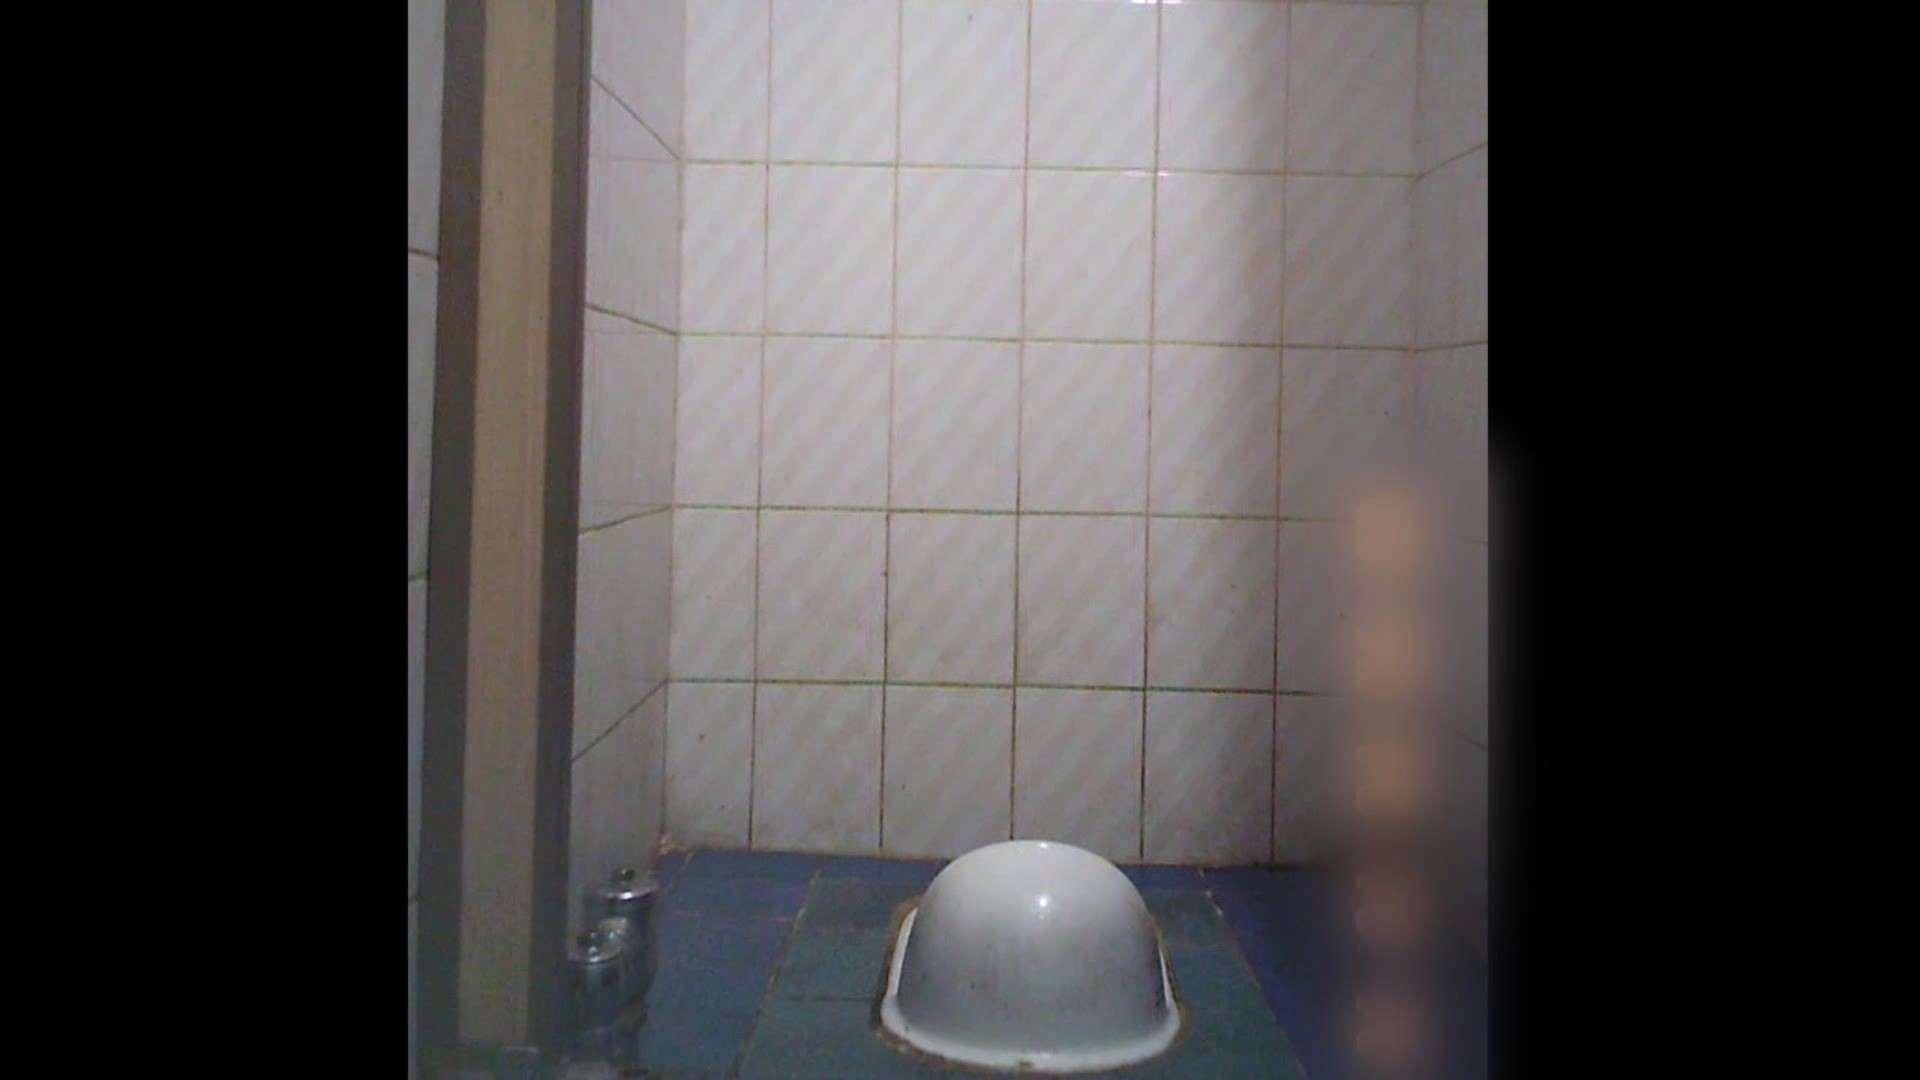 潜入!!韓国秘密のトイレ!Vol.12 潜入女子トイレ | 潜入  78PIX 77